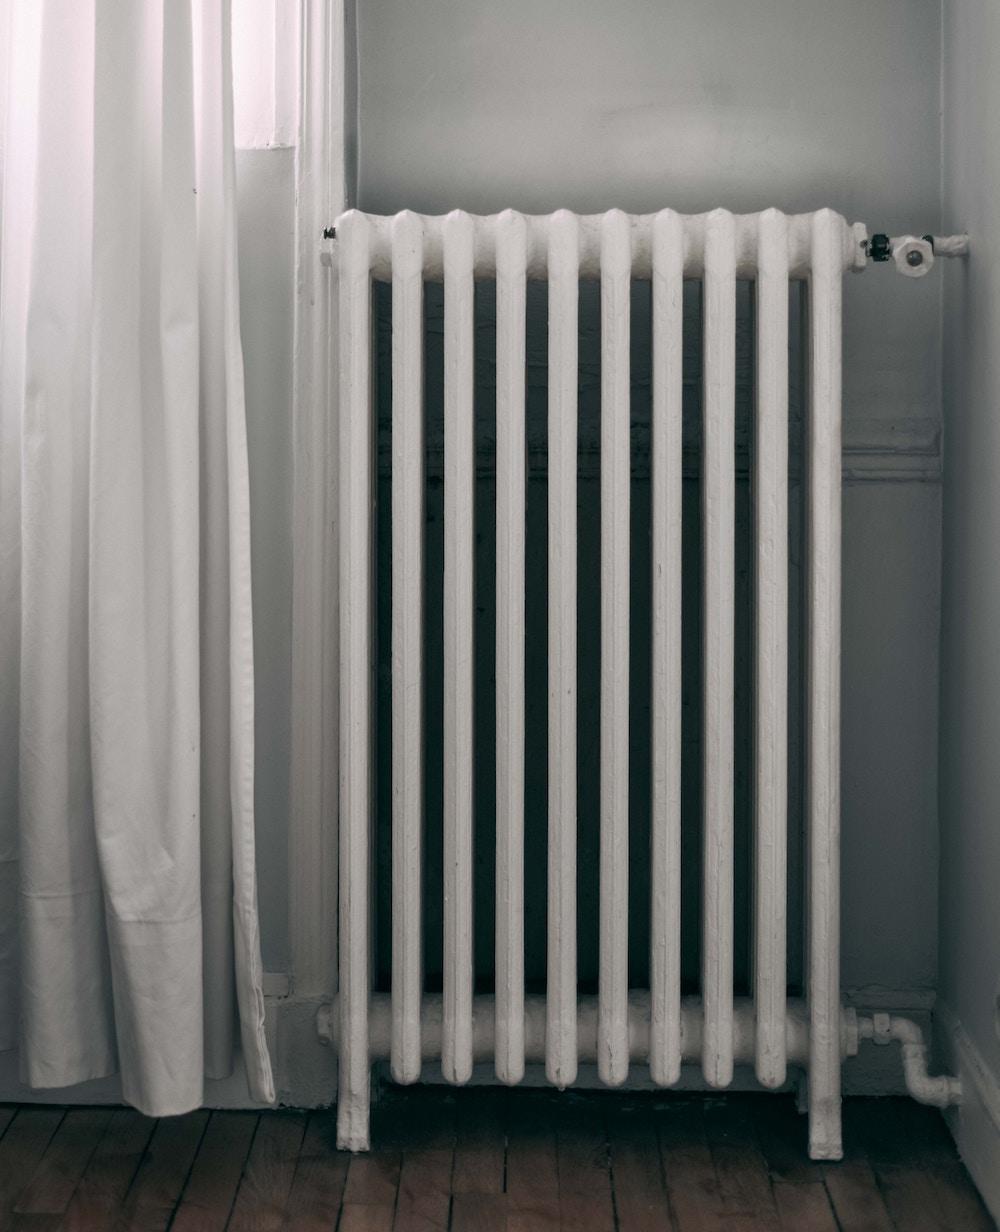 Entretenir ses équipements de chauffage : désembouage, purge des radiateurs, entretien de la chaudière...